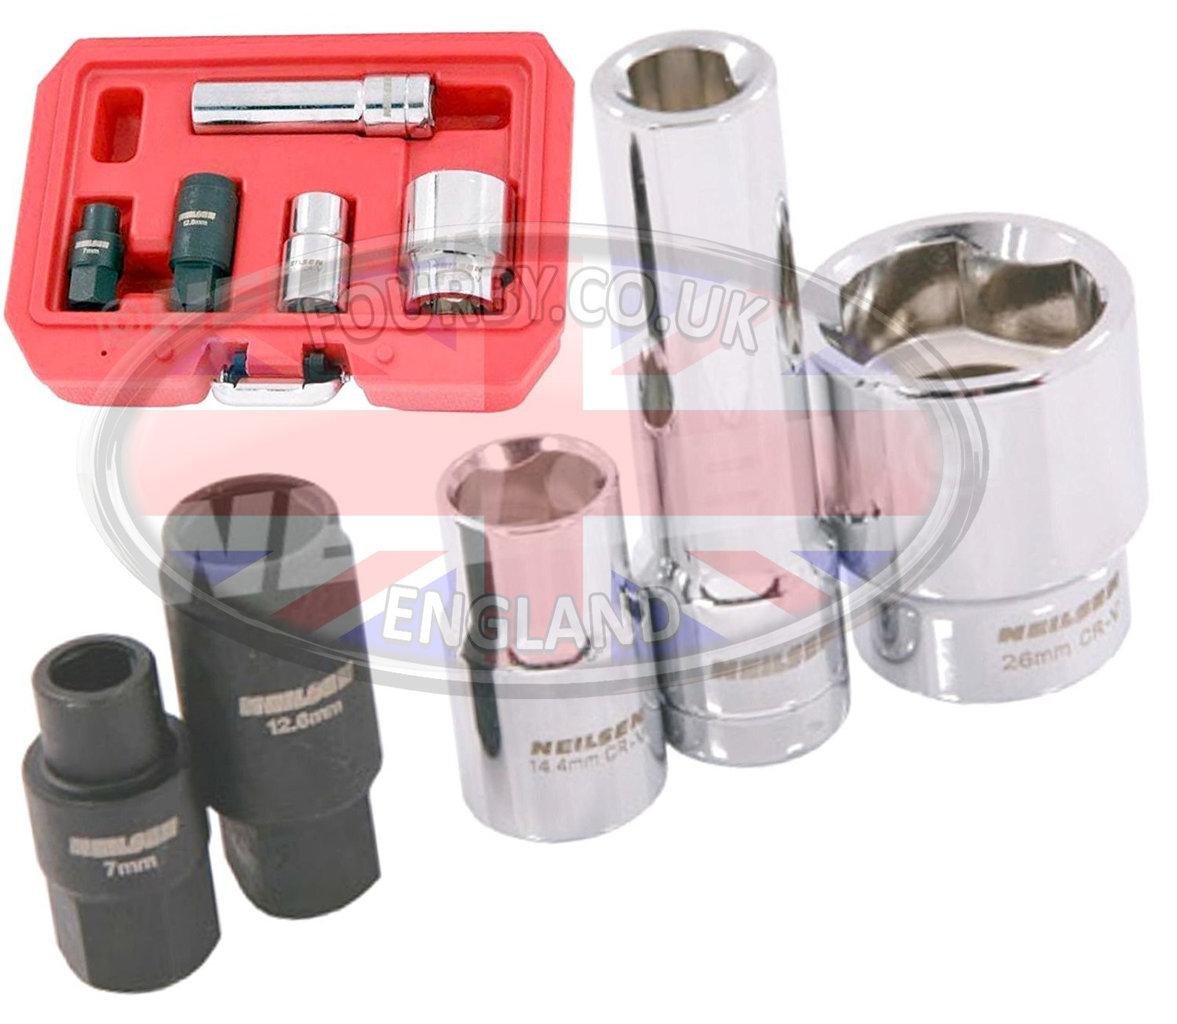 bosch tools uk